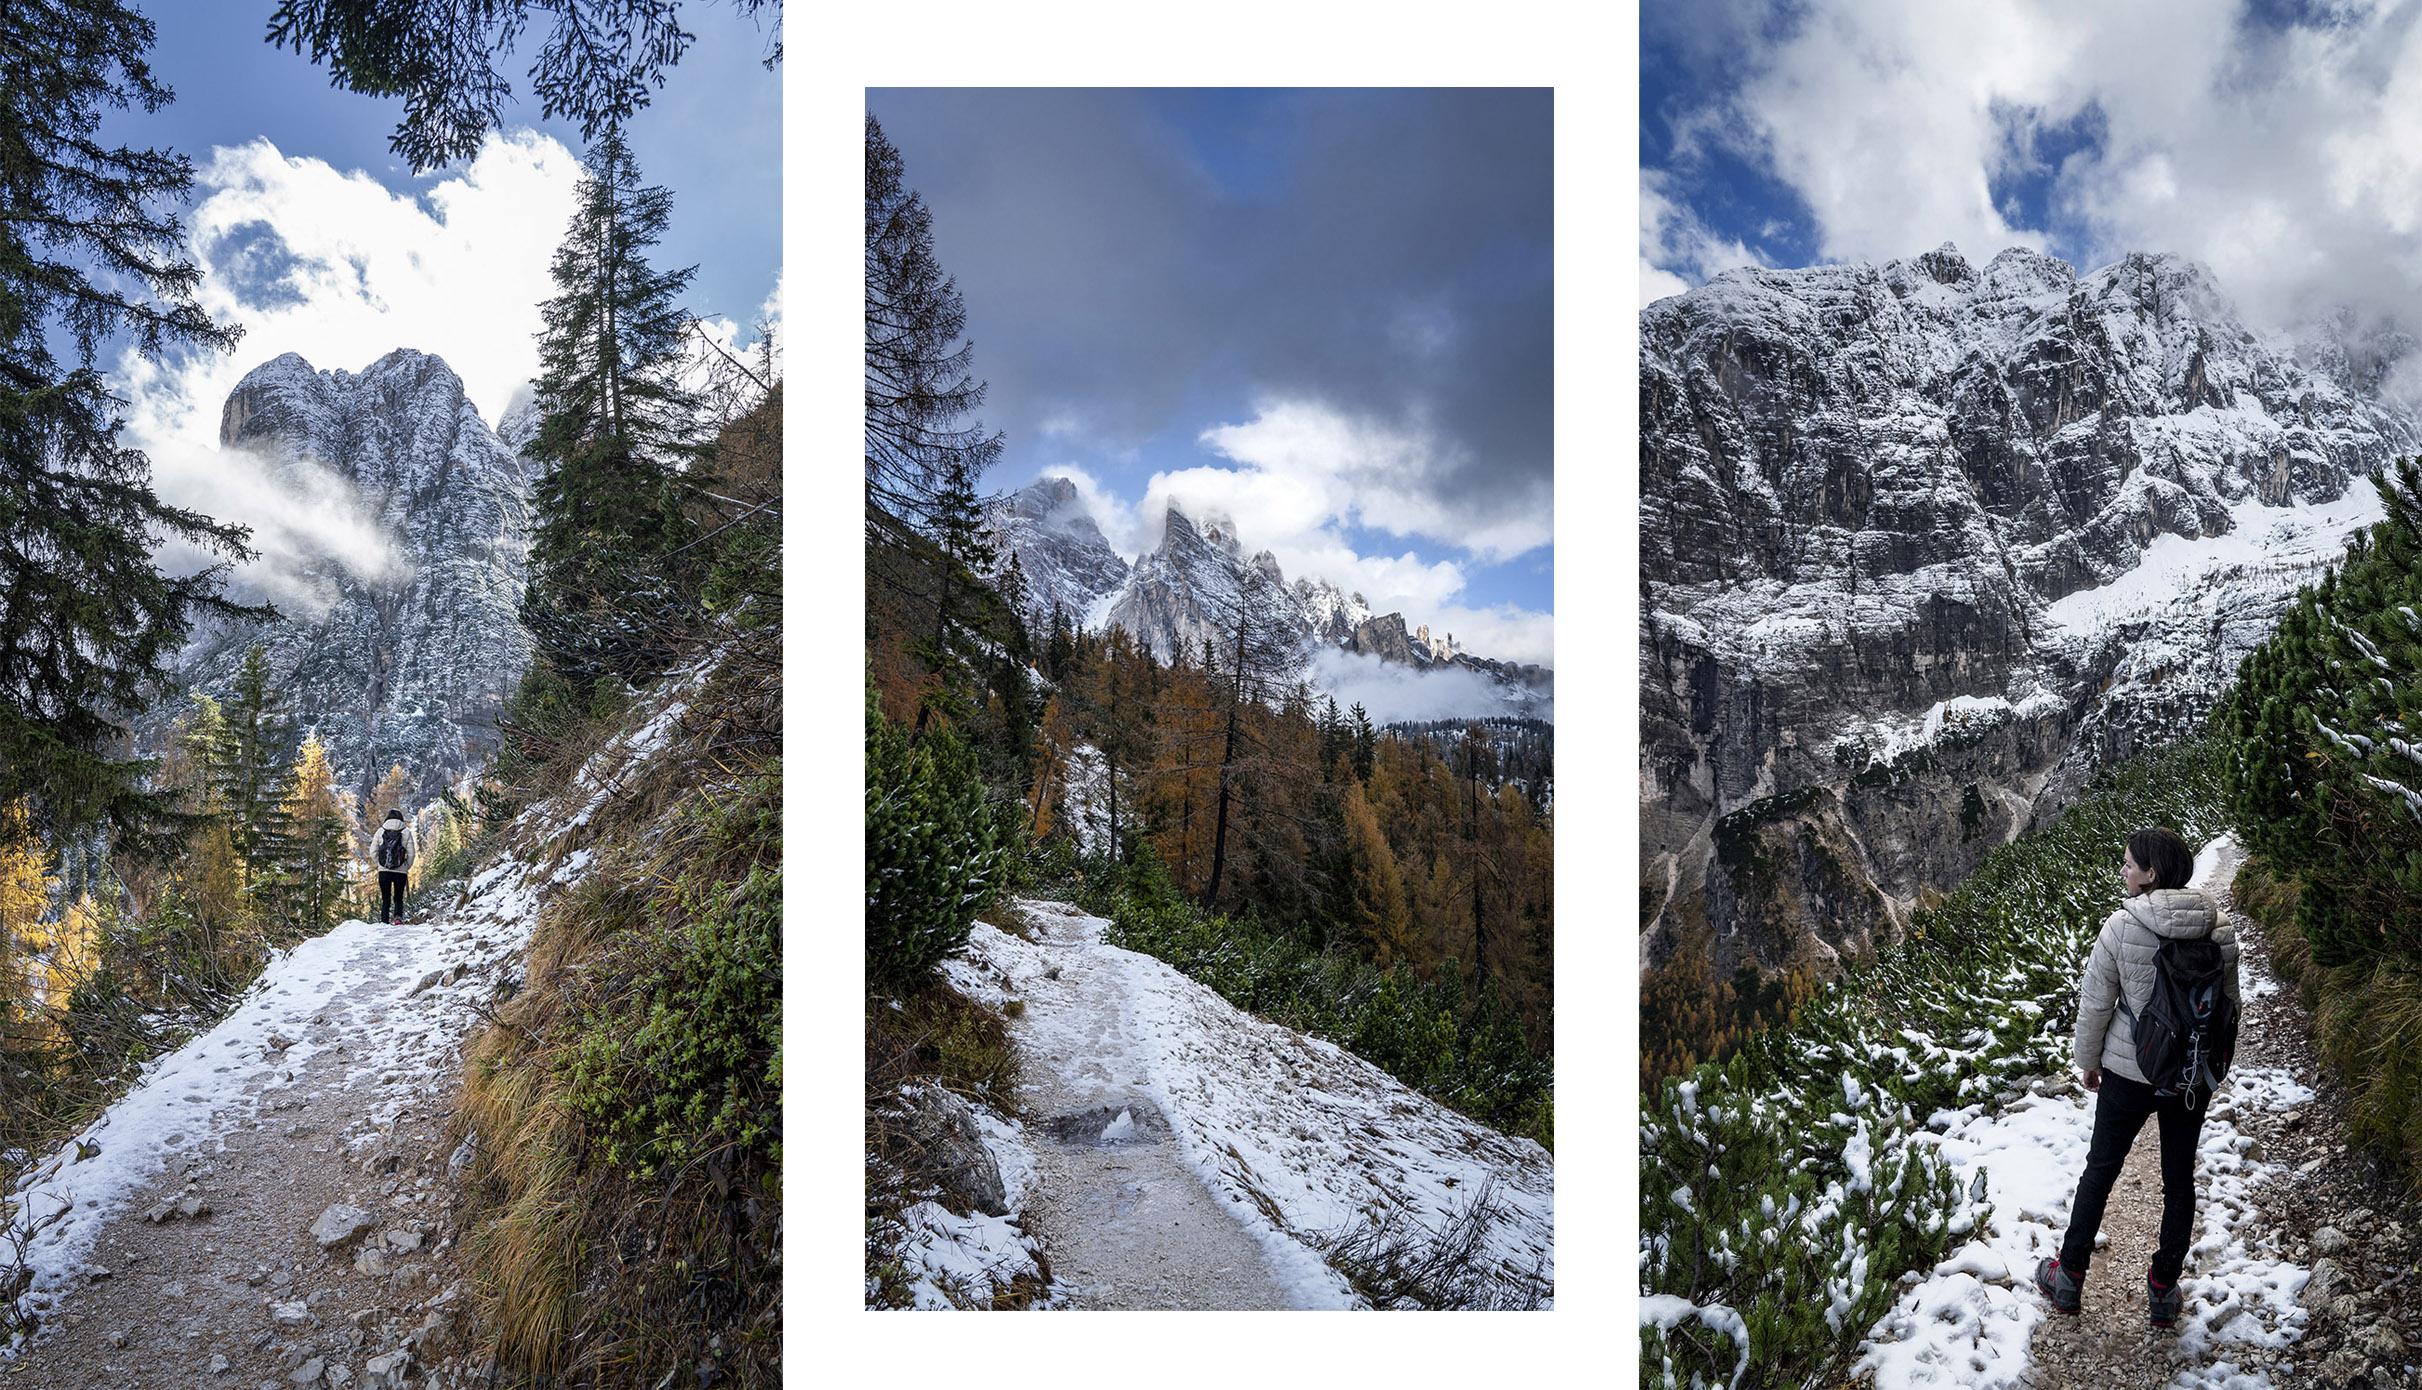 Randonnée Lago di Sorapis montagne sapins nuages ciel bleu